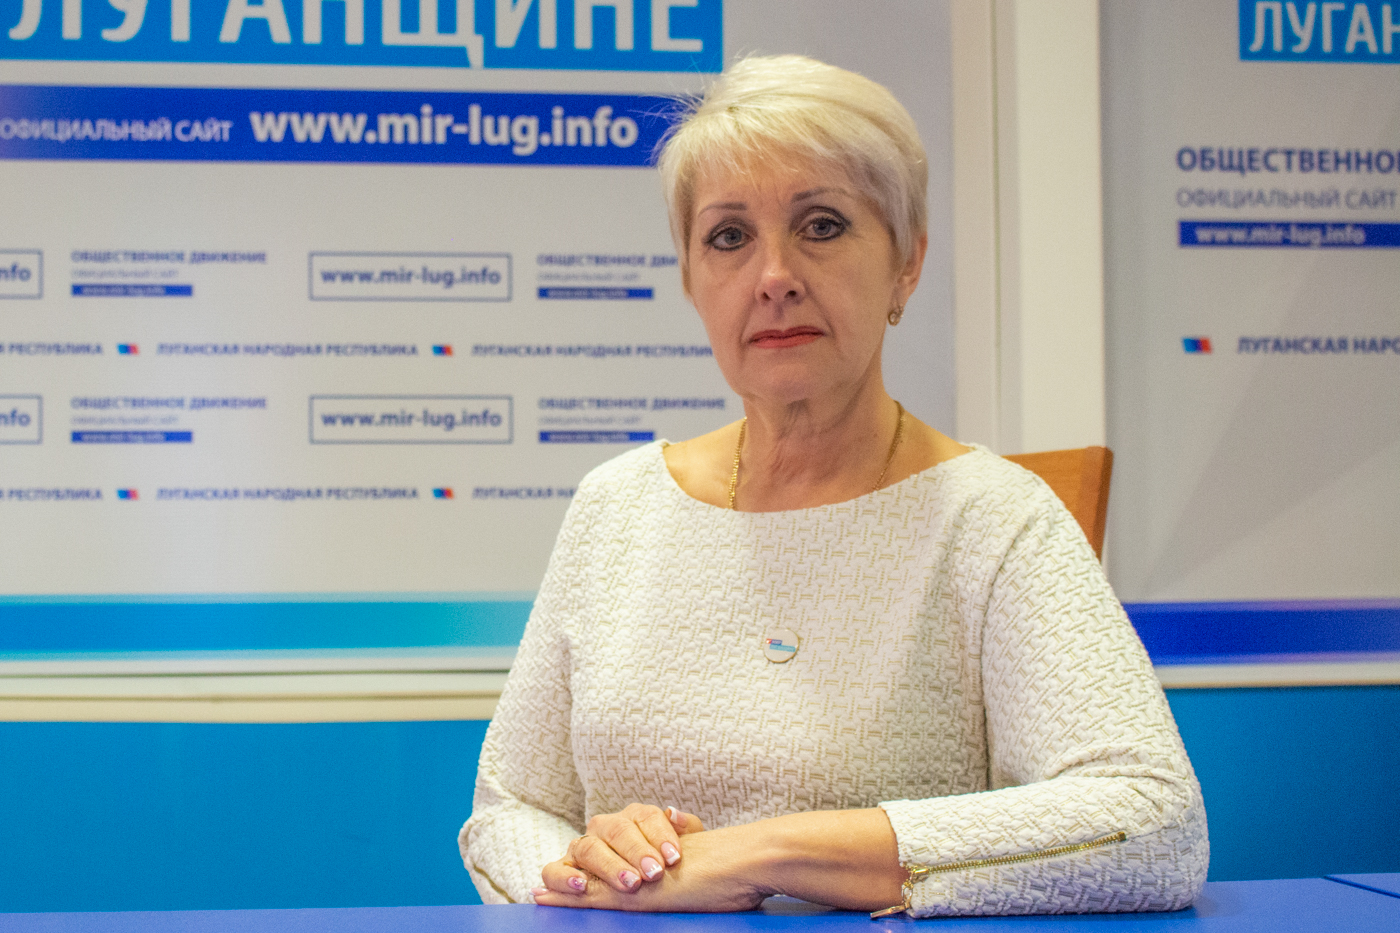 Антонина Гречишкина: «Киевские власти регулярно нарушают первое же условие перемирия – прекращение огня»